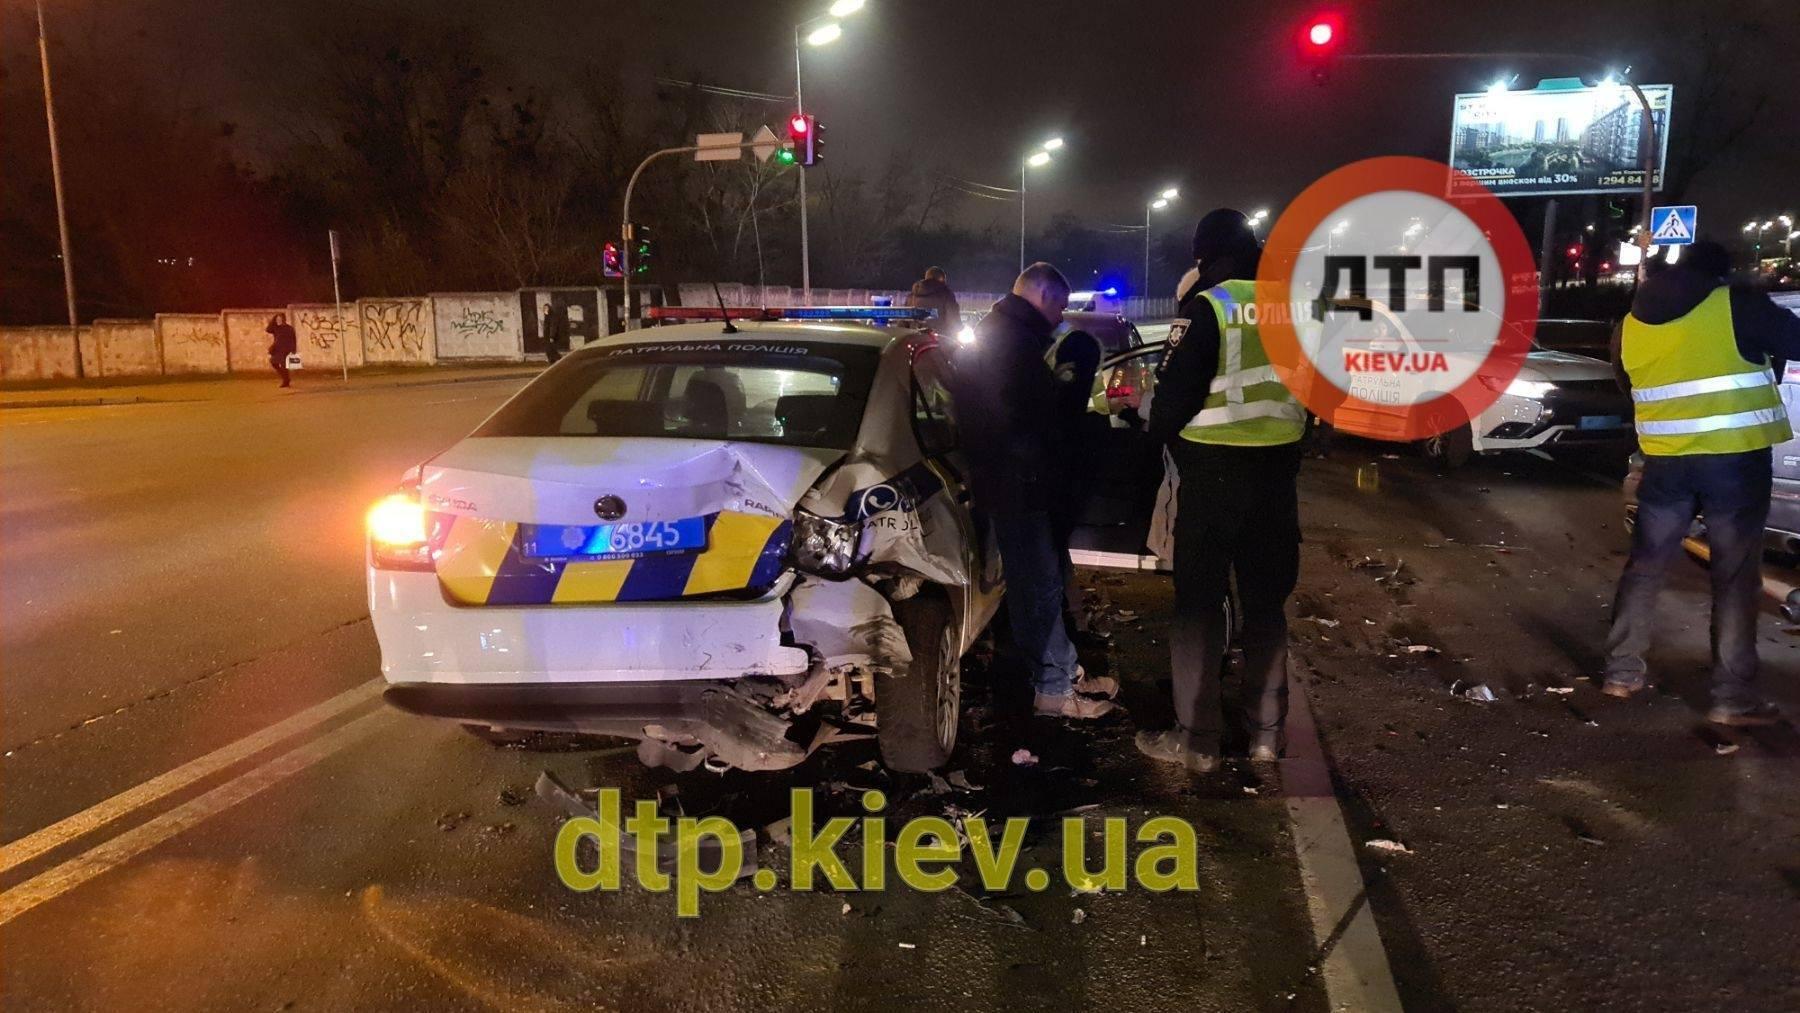 Водитель врезалась в авто полиции, которое ехало впереди